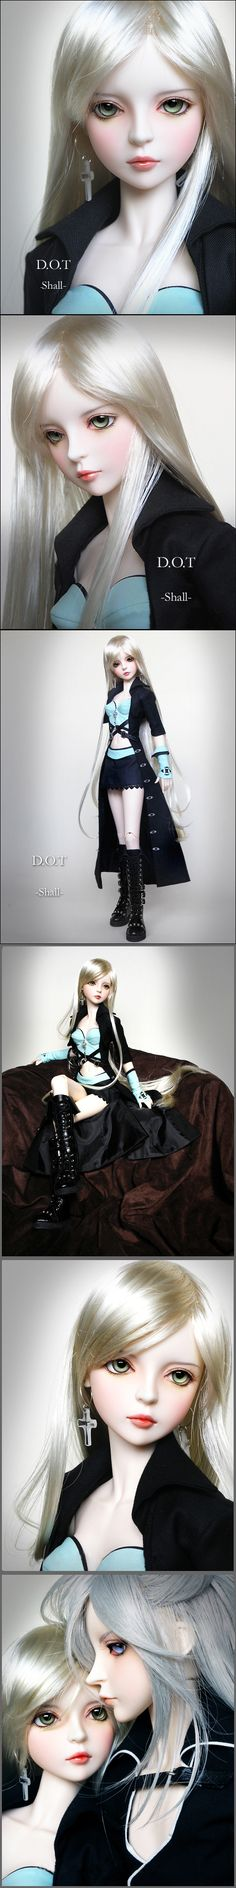 shall 1/3 [shall] - $199.00 : BJD baby,bjd dolls,bjd doll shop,bjd bragan?a,fairyland,volks bjd,soom,luts bjd,Super Dollfie, BJD lovers coll...